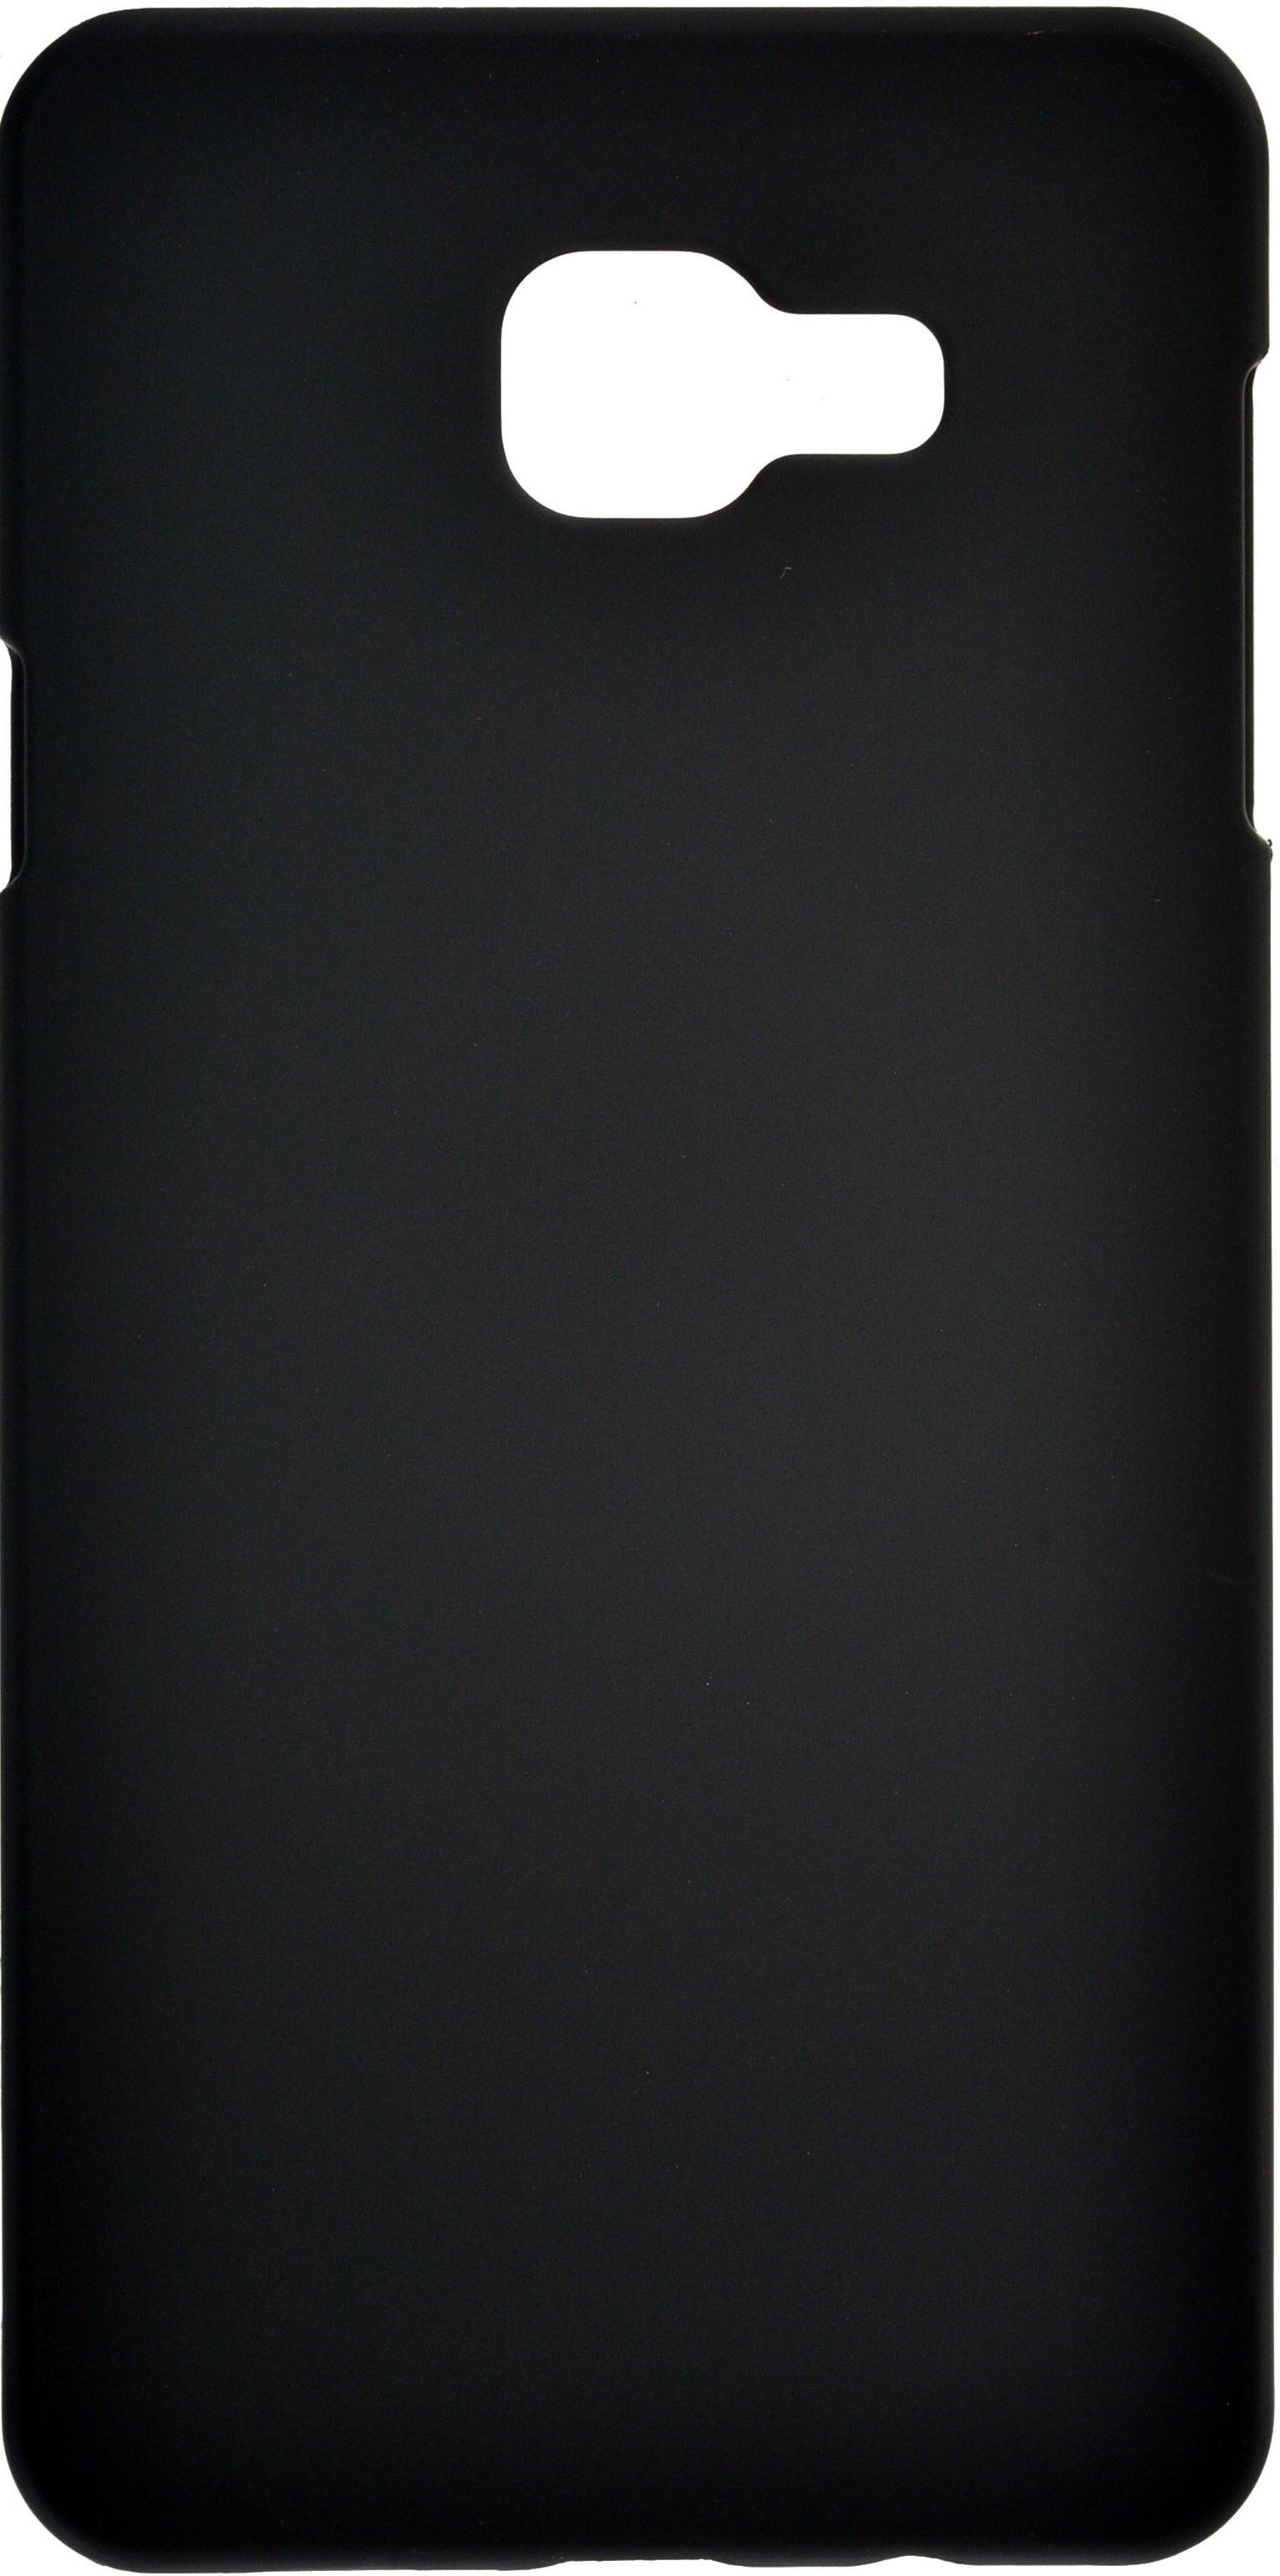 Чехол для сотового телефона skinBOX 4People, 4630042527744, черный стоимость